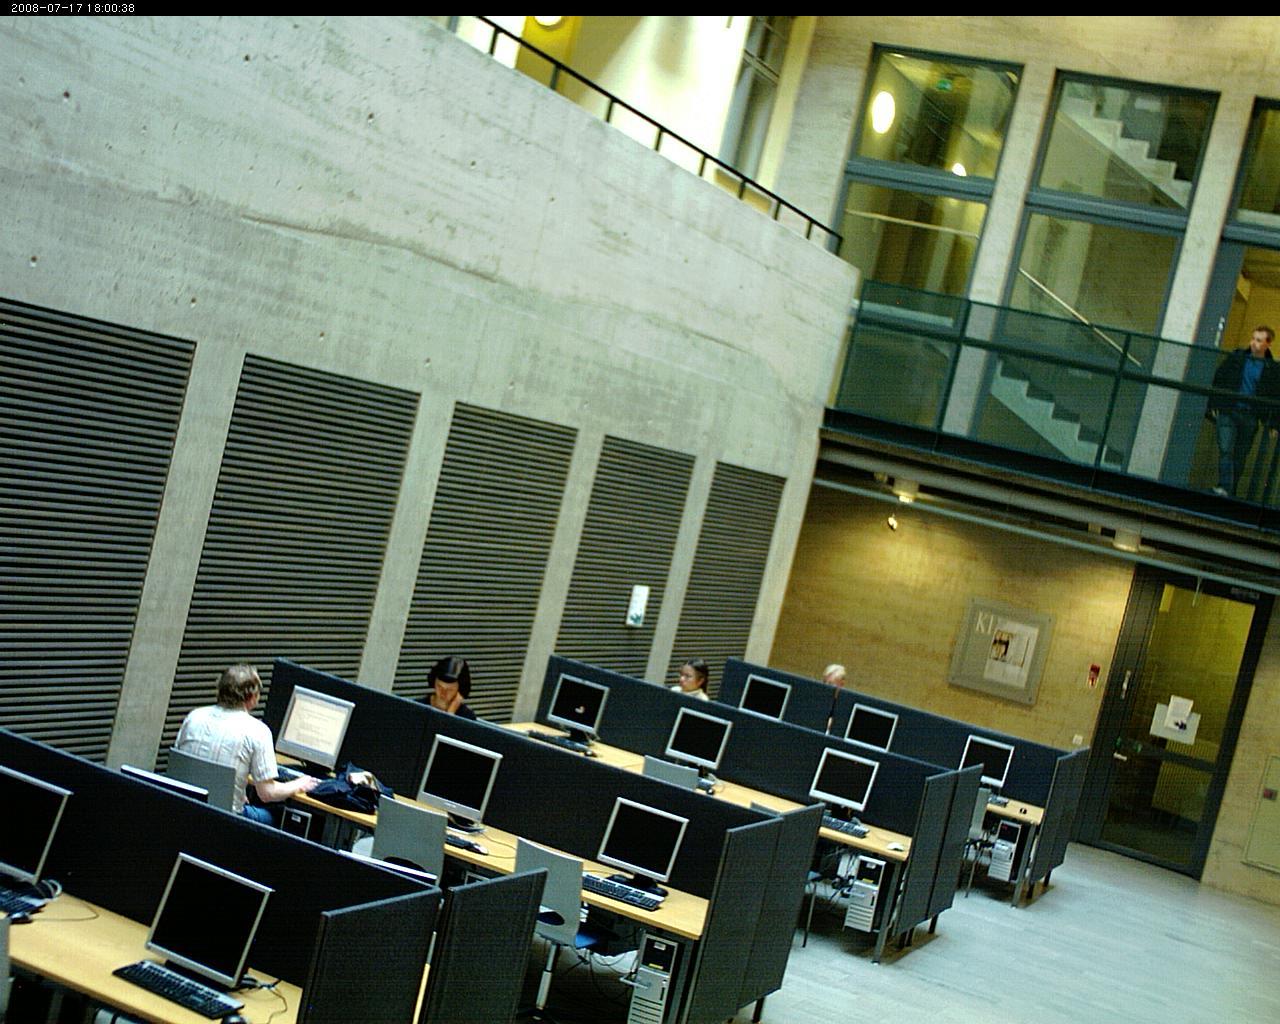 University of Helsinki photo 5